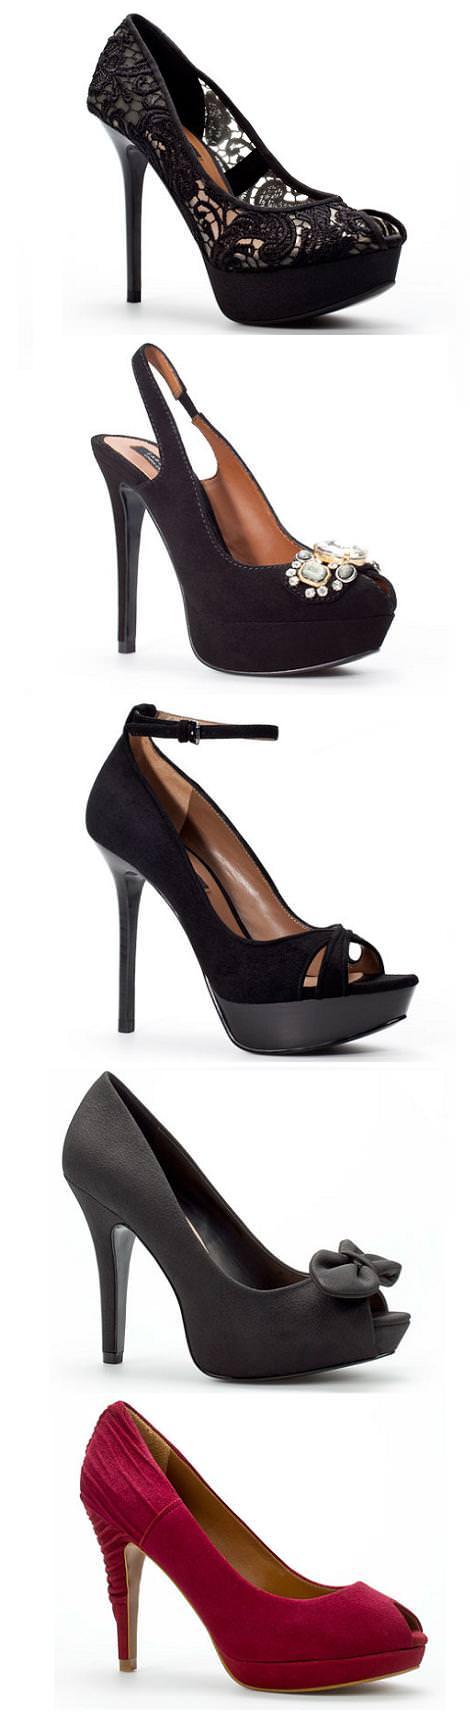 Zapatos PEEP TOE de Zara (otoño invierno 2010 2011)